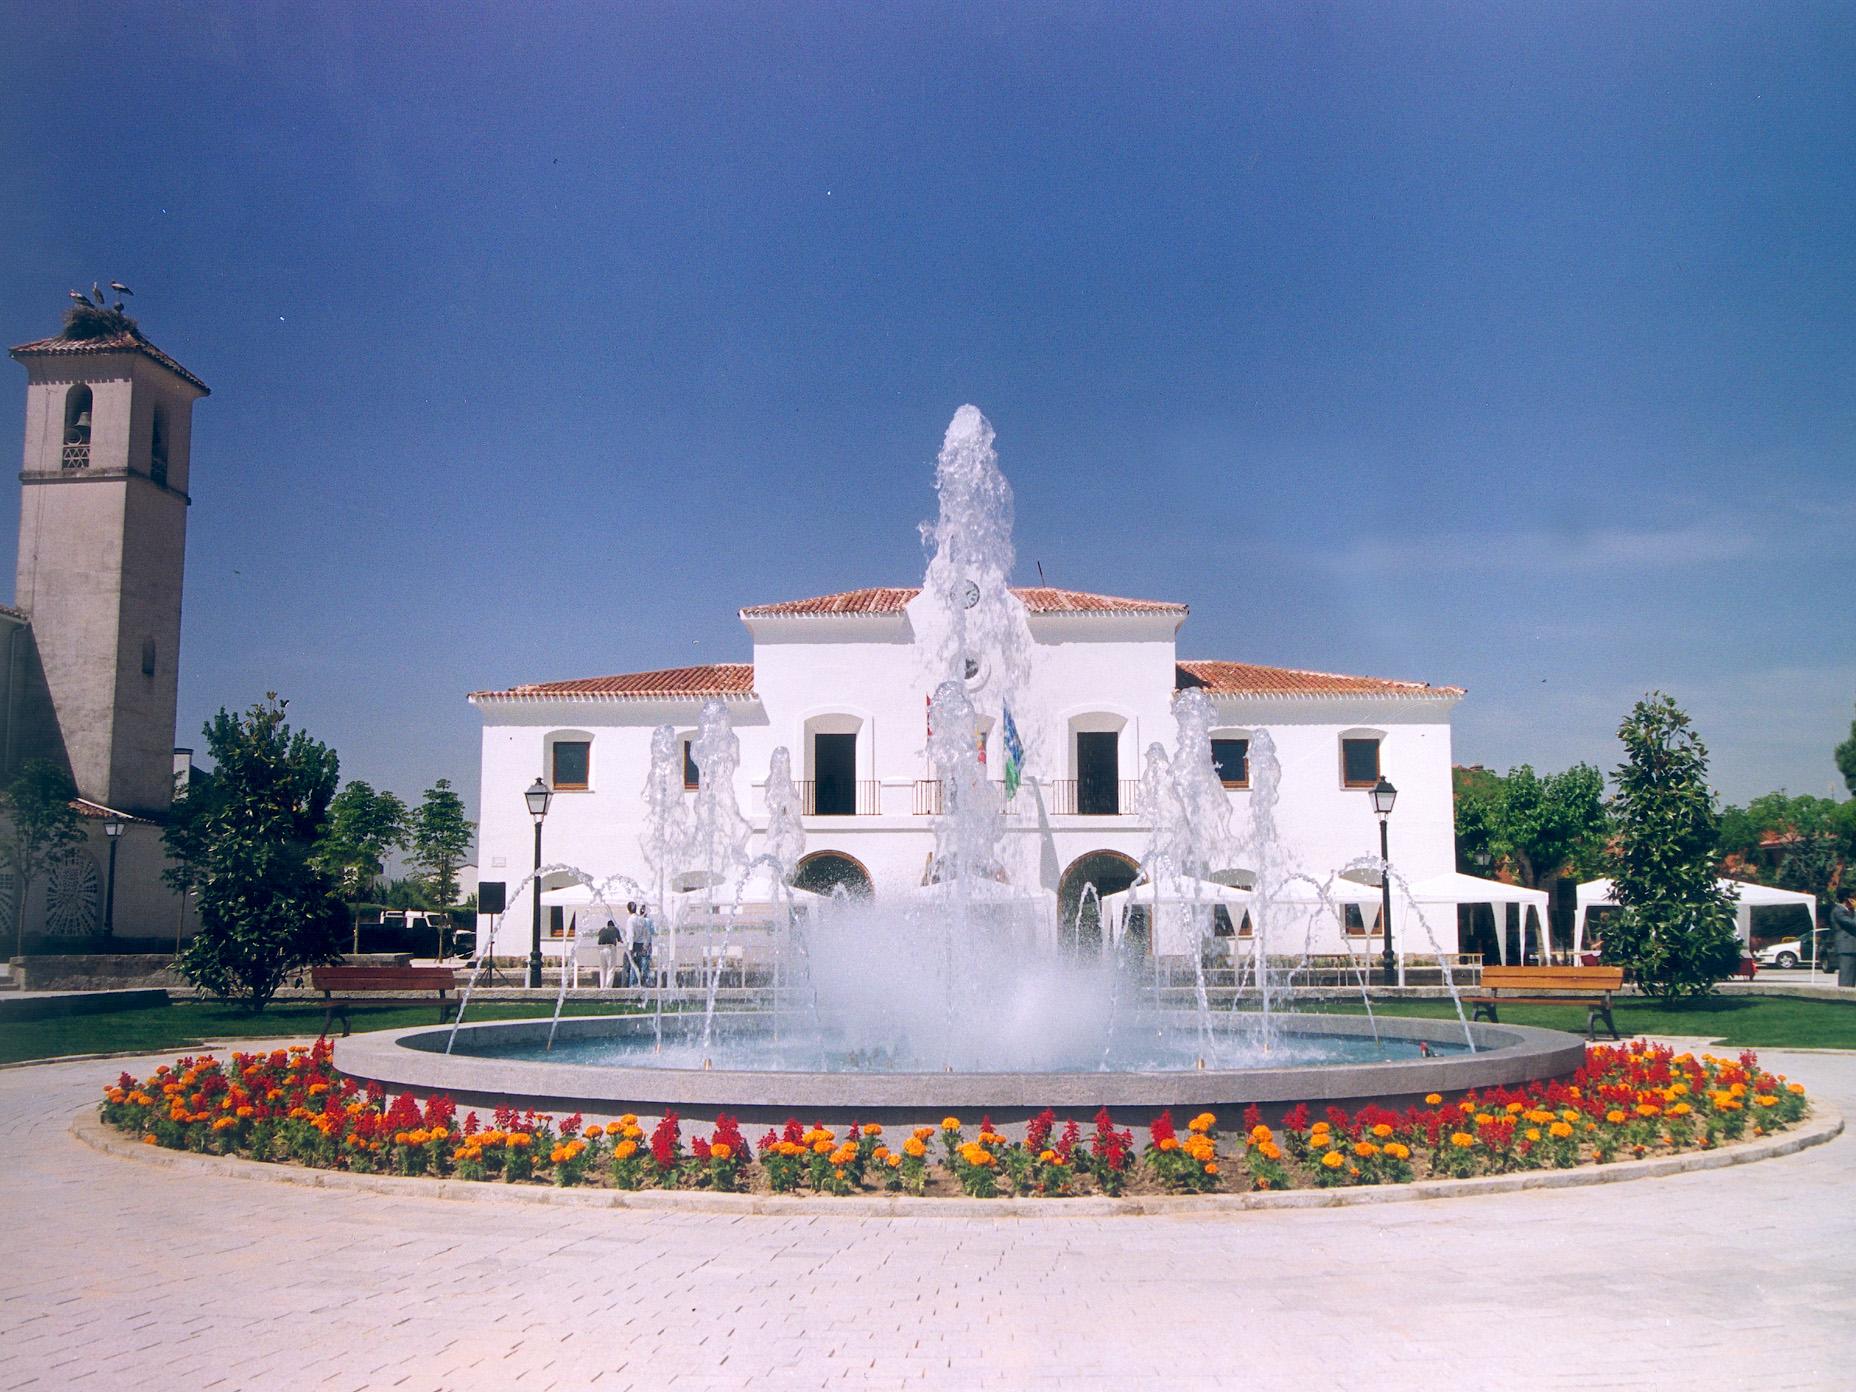 Fuente del ayuntamiento en Villanueva de la Cañada